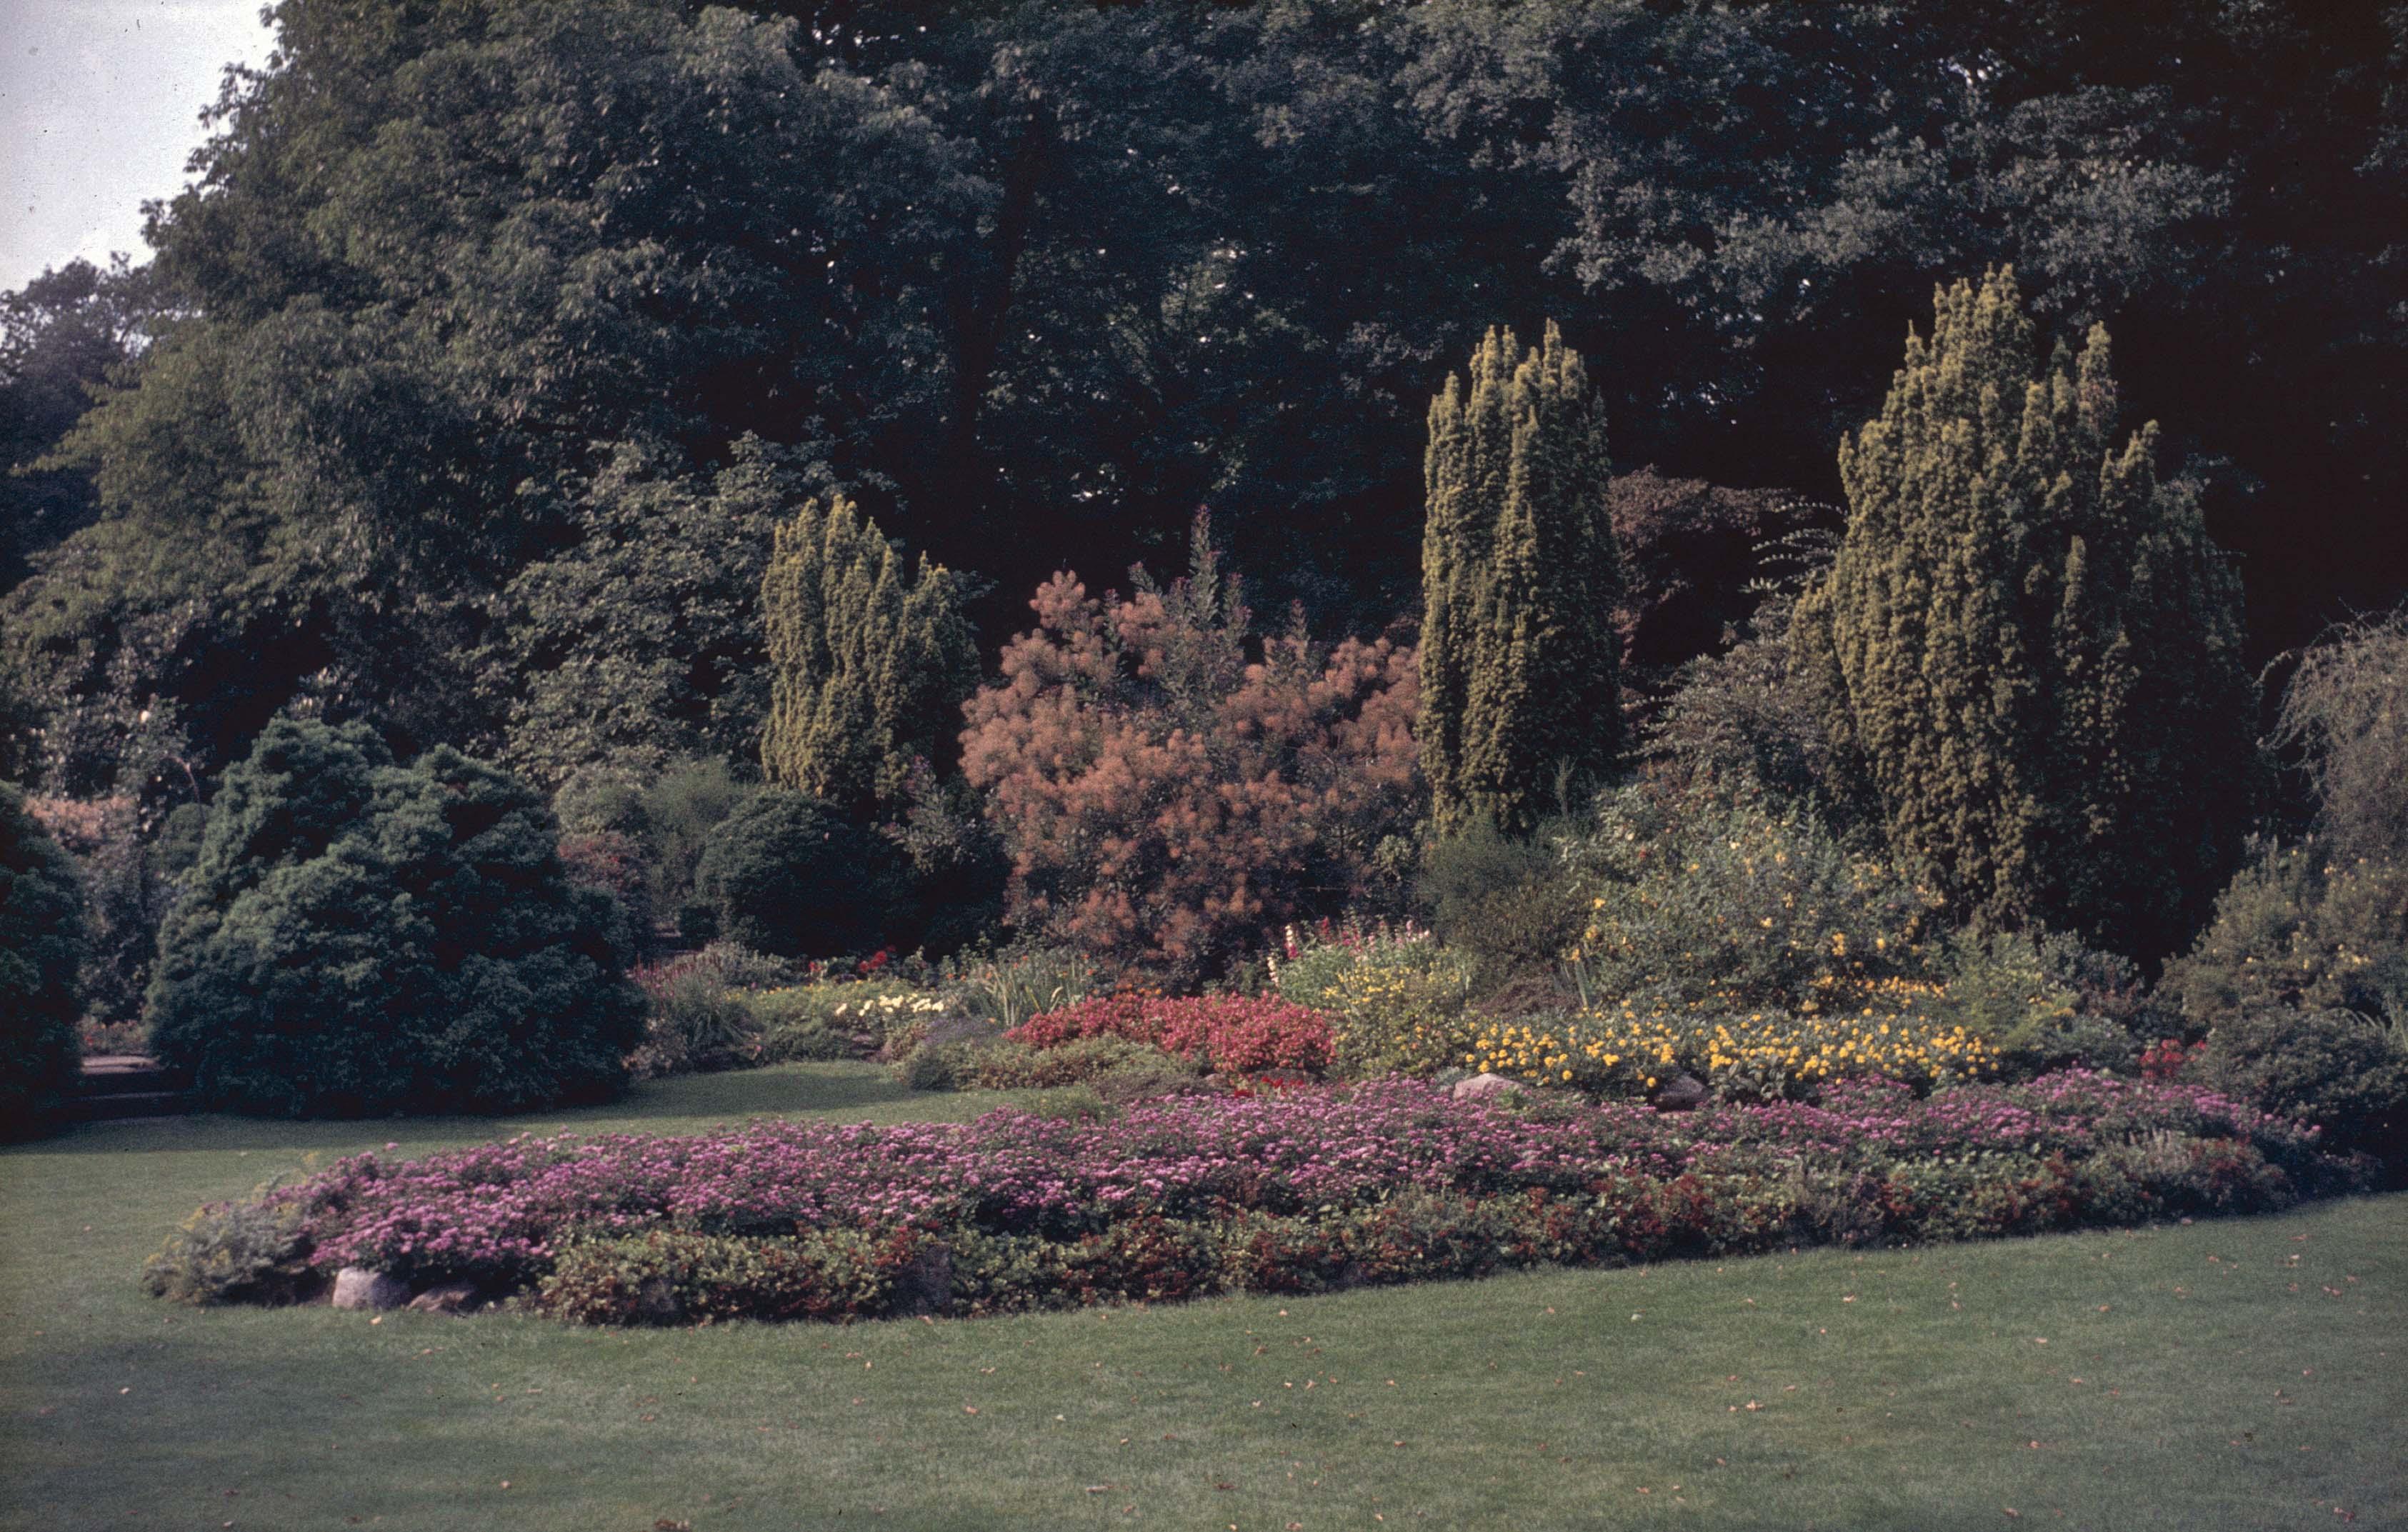 1970 - overzicht, landschapstuin, border met fluweelboom. Foto van Rijksdienst voor het Cultureel Erfgoed, objectnr. 404.789